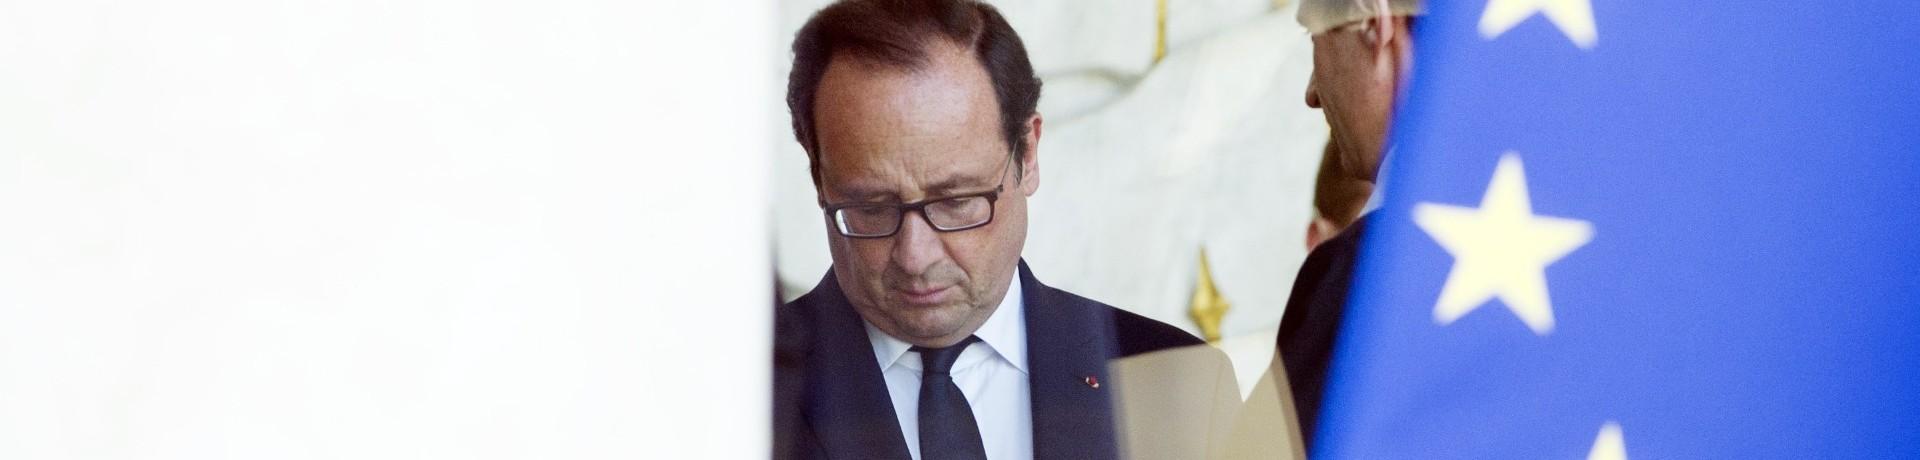 Le président François Hollande au palais de l'Élysée en juillet 2014.